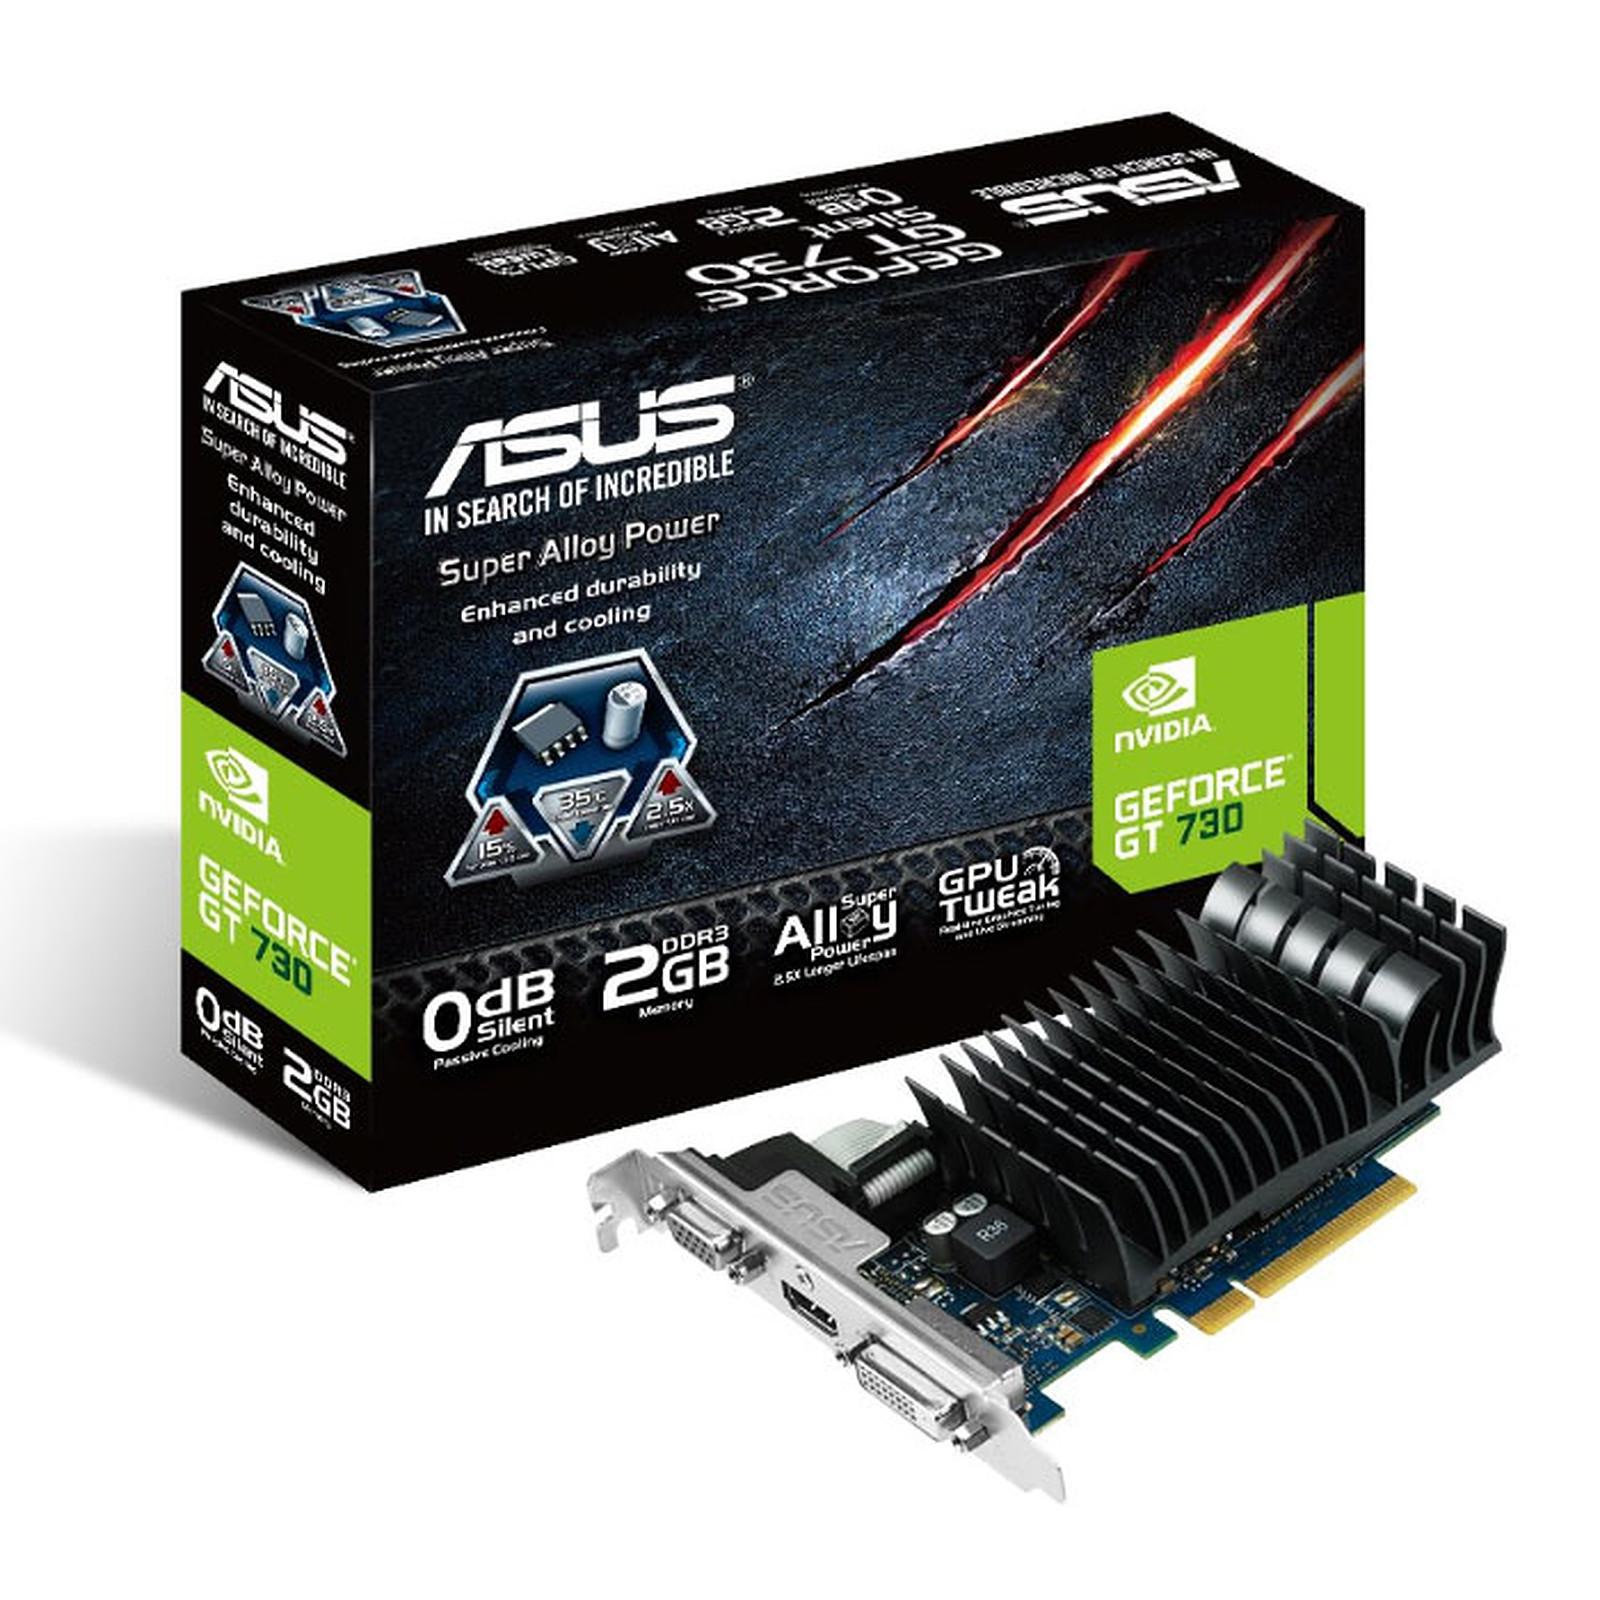 Téléchargez les pilotes pour nVidia GeForce GT 730 cartes graphique gratuitement Catégorie: nVidia cartes graphique Sous-catégorie: GeForce GT 730 cartes graphique